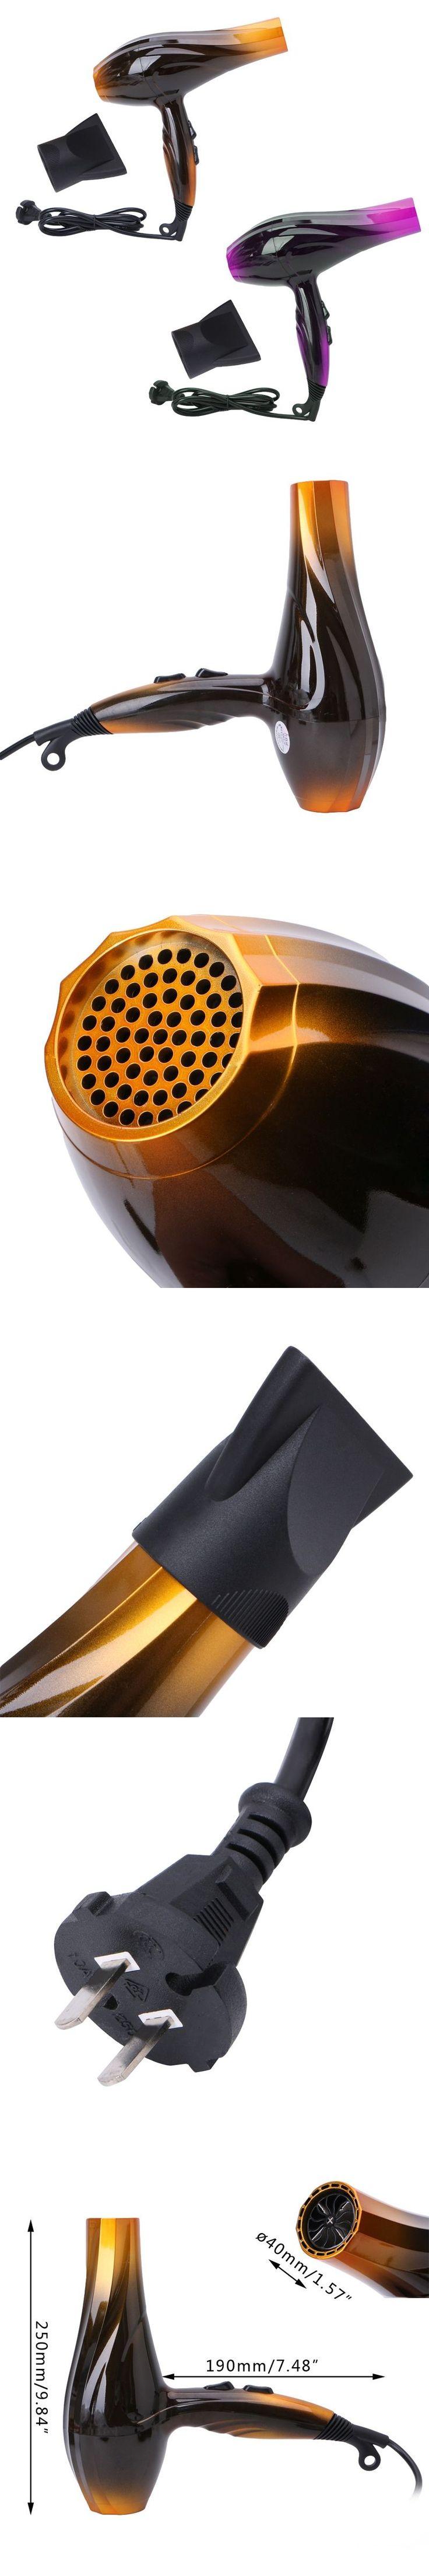 Die besten 25+ Dryer plug Ideen auf Pinterest | selbstgemachter ...